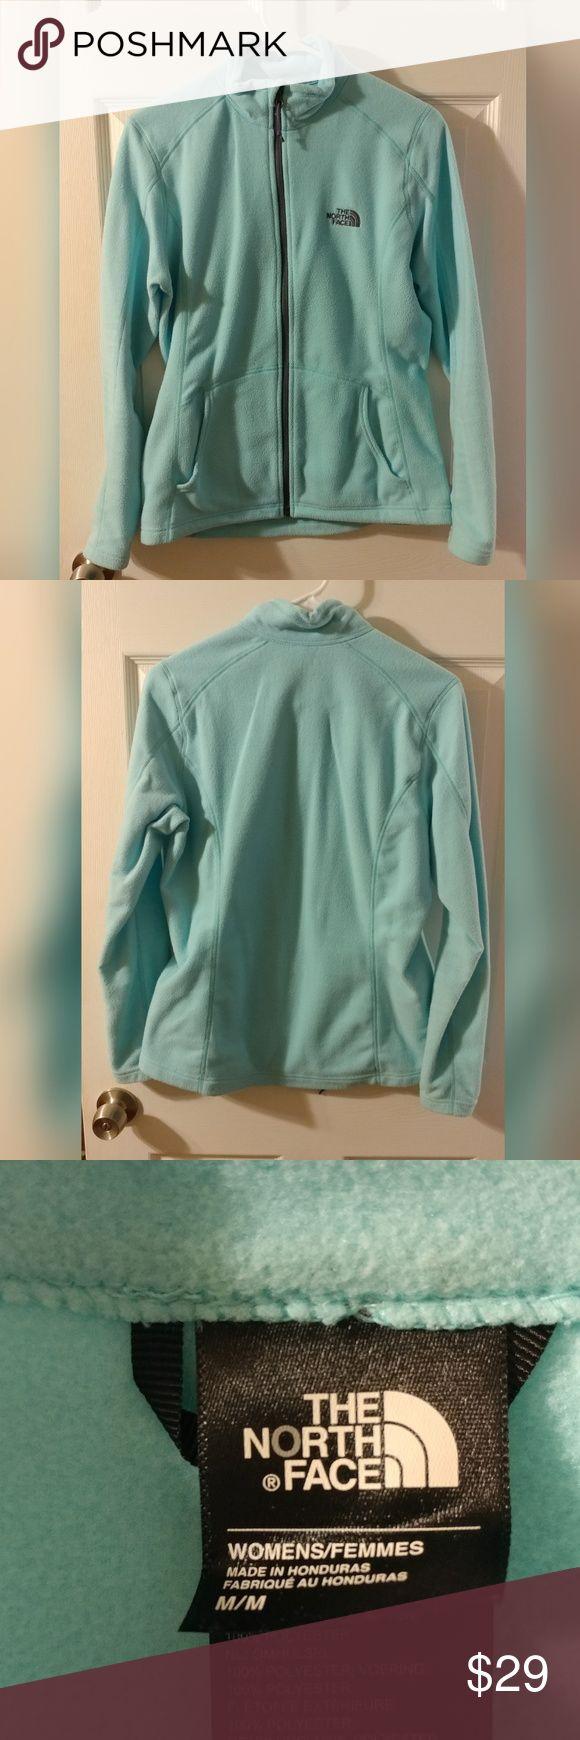 Womens North Face Zip Up Fleece Light Blue North Face Fleece In Great Condition North Face Jackets & Coats